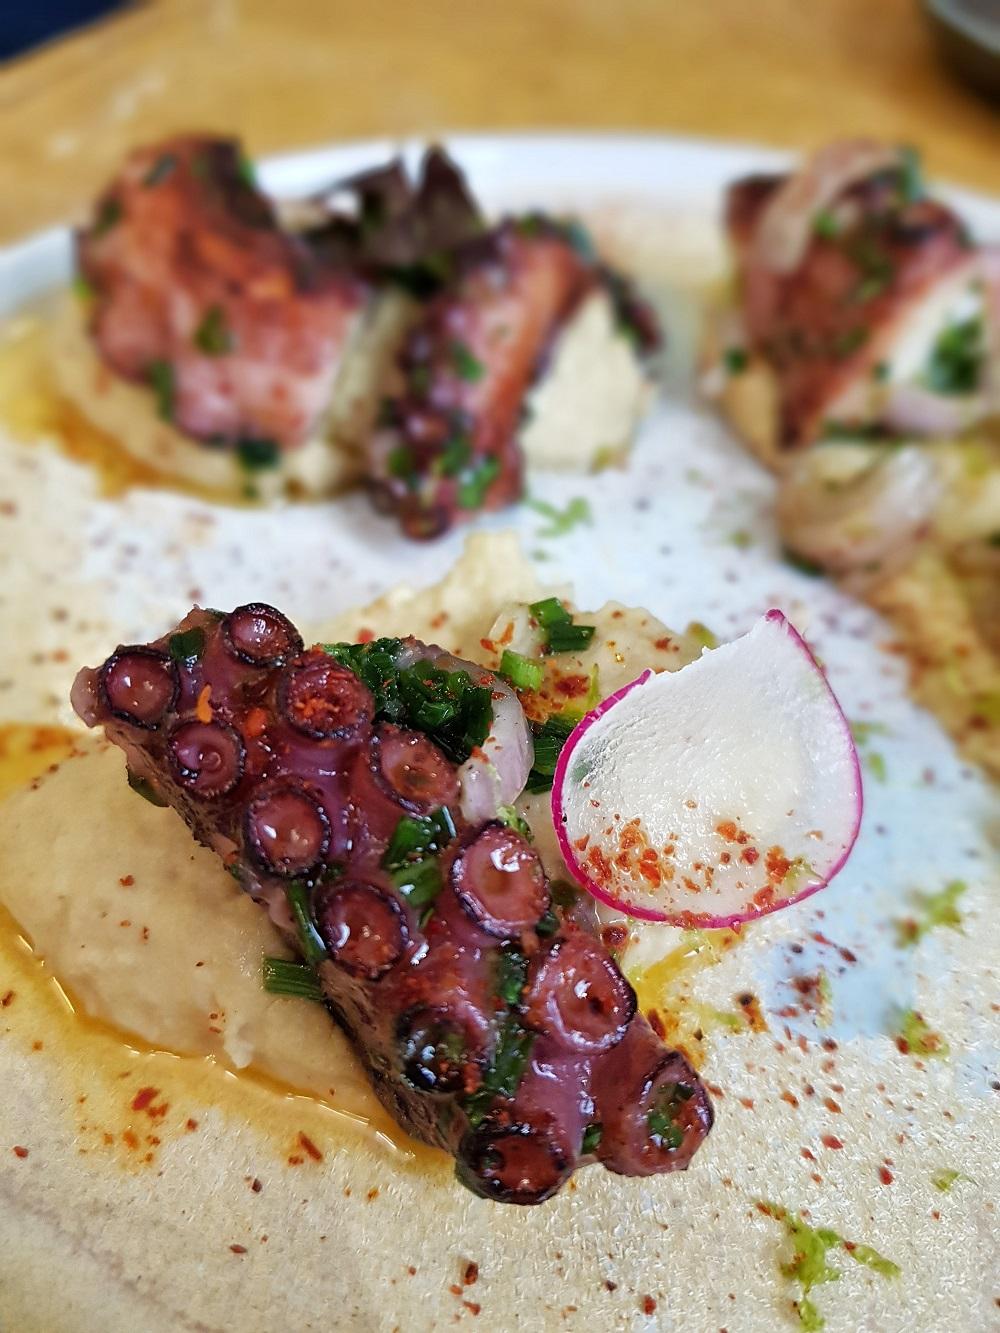 Tentacule de poulpe grillé, houmous maison, cébette et piment d'Espelette.